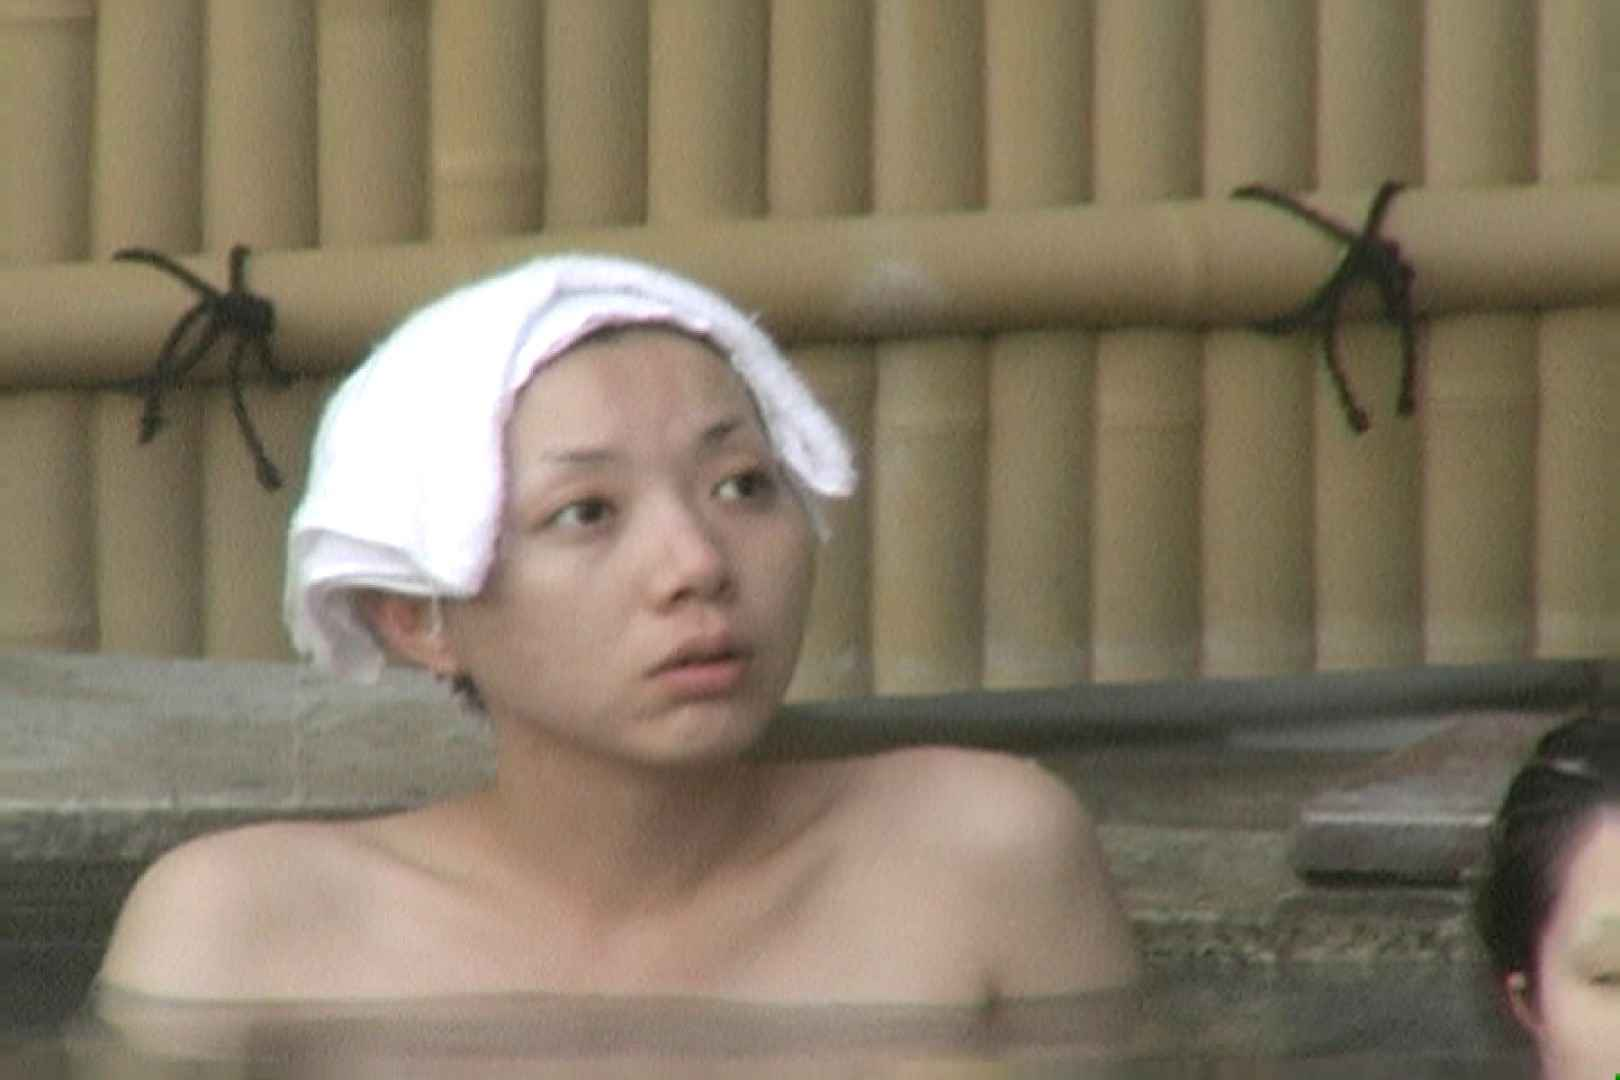 Aquaな露天風呂Vol.630 露天風呂 | 盗撮動画  10枚 3